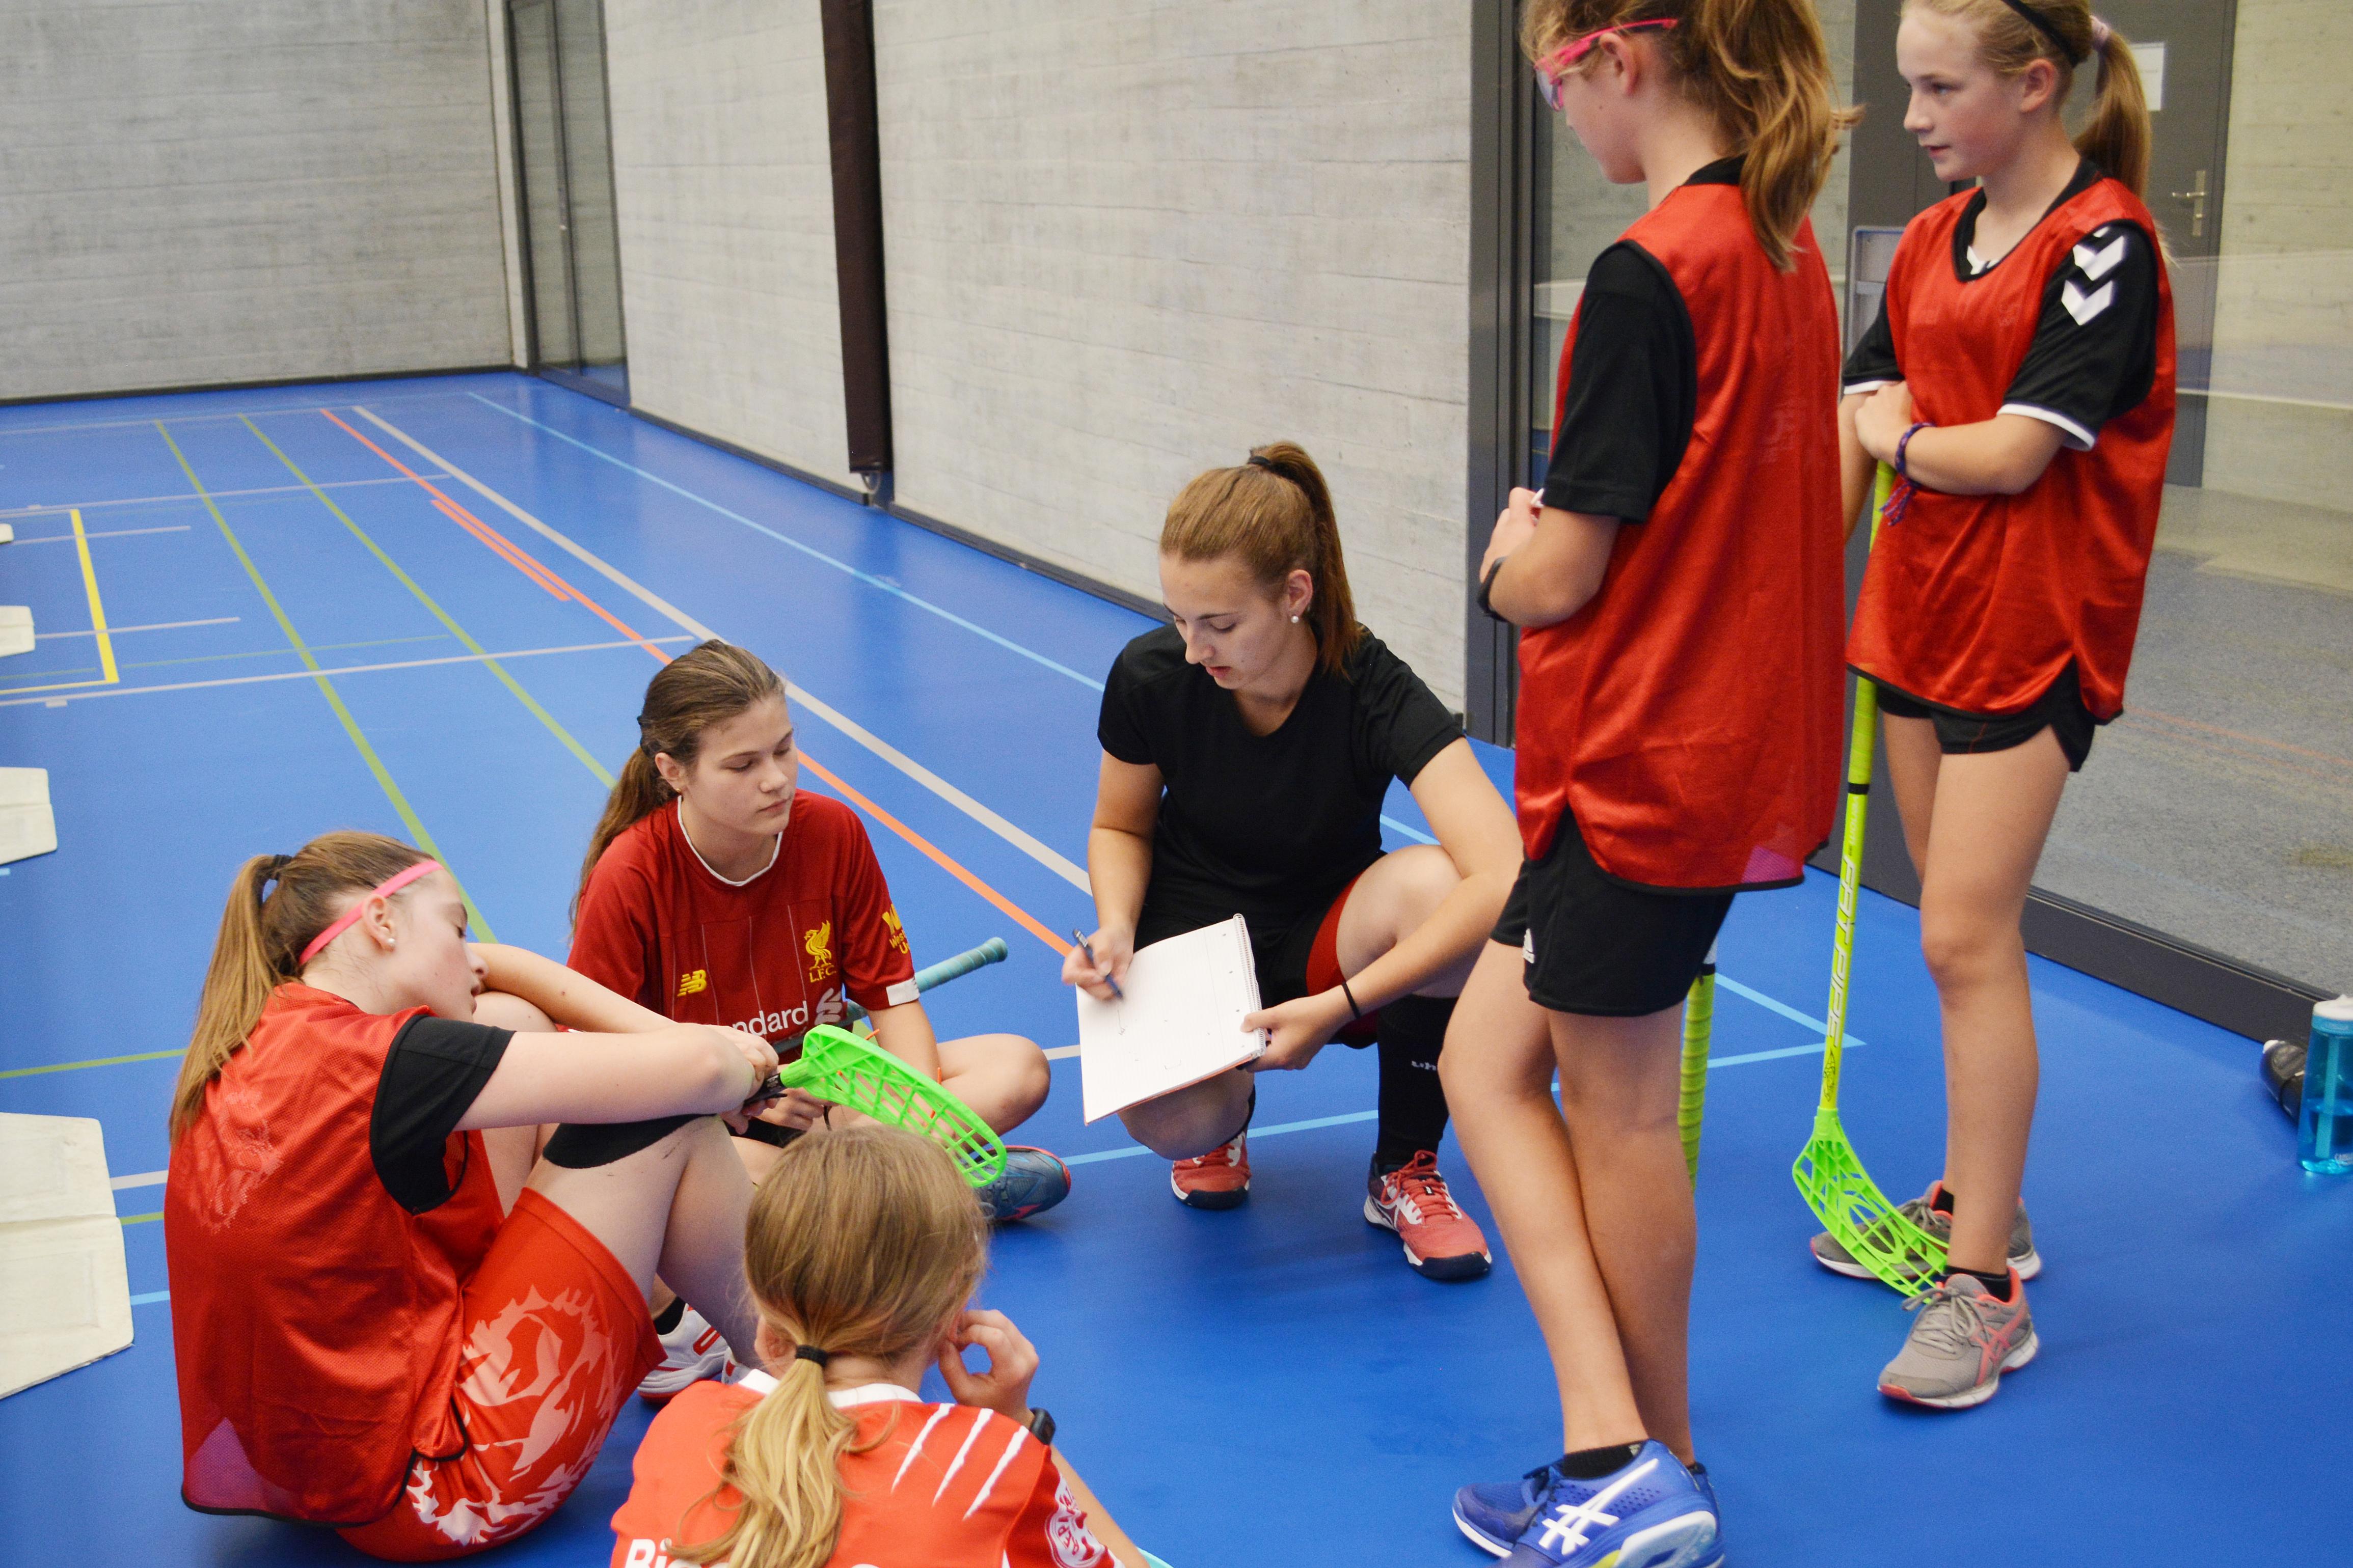 Anina erklärt den jungen Spielerinnen taktische Spielzüge (Archivbild)